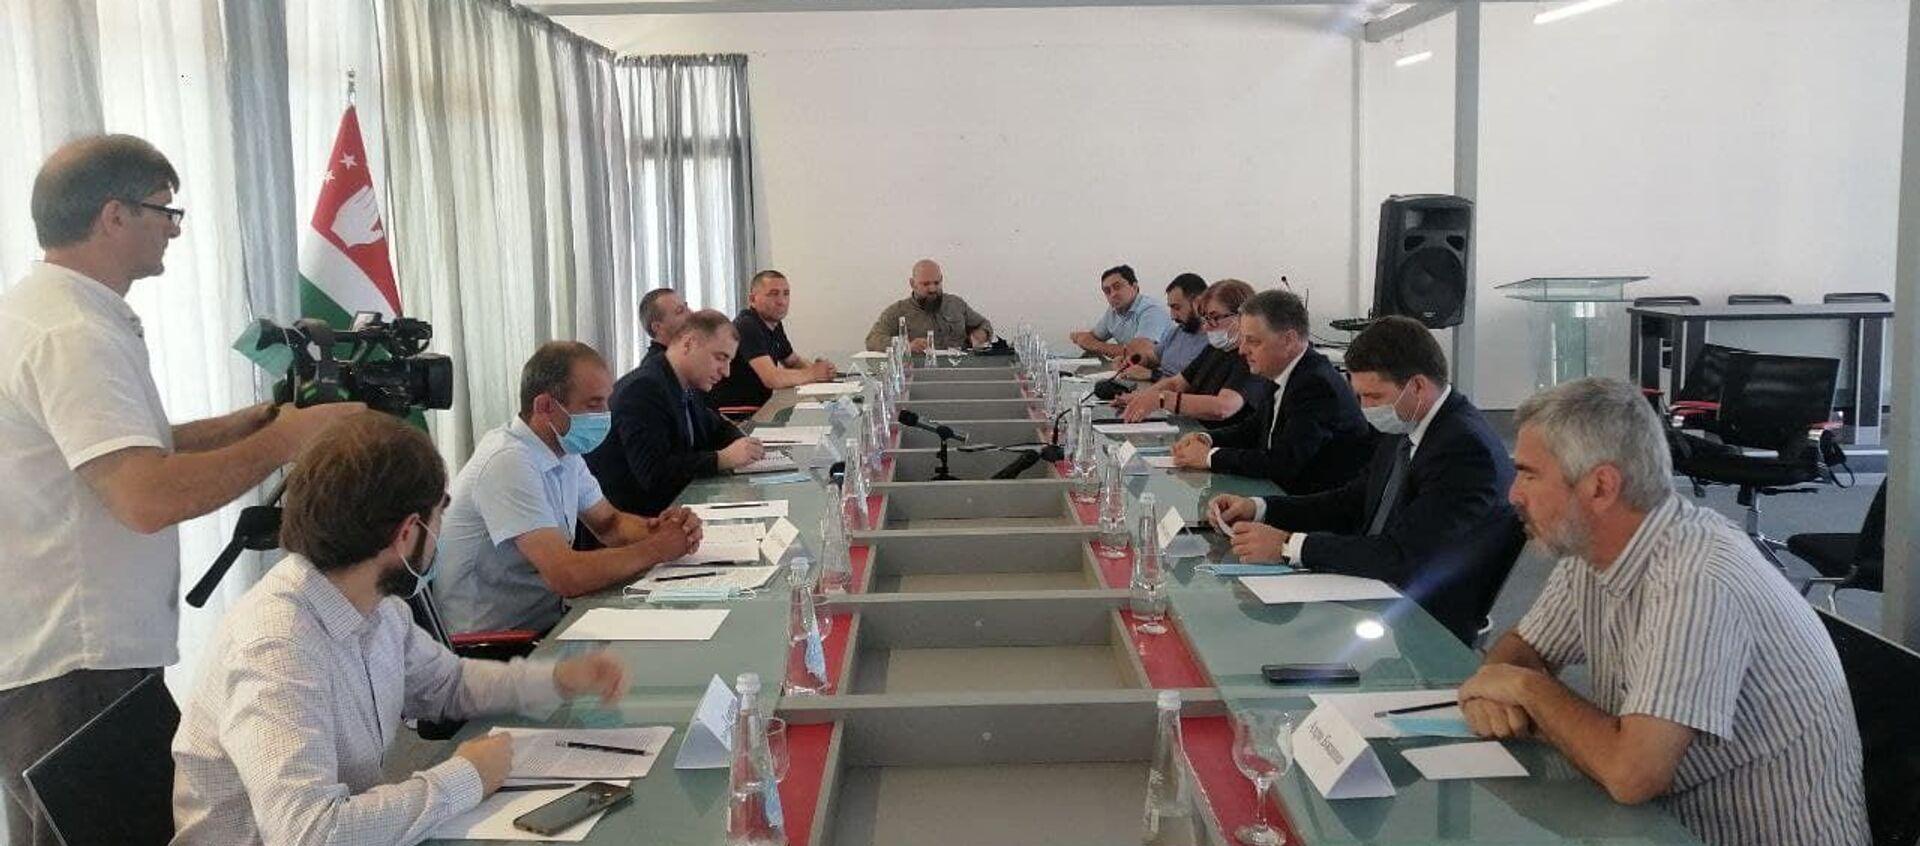 Обсуждение экономических проблем на круглом столе в Сухуме. - Sputnik Абхазия, 1920, 04.08.2021